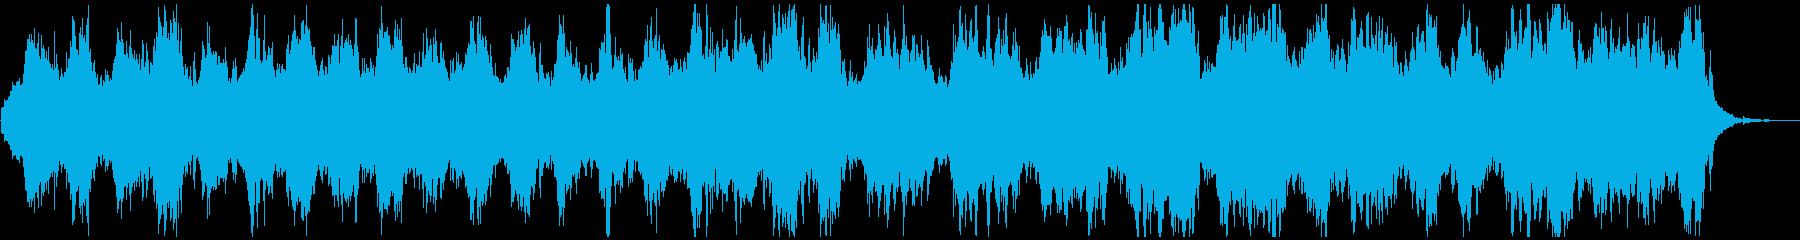 輪廻転生 アンビエント 神秘的 情景音の再生済みの波形